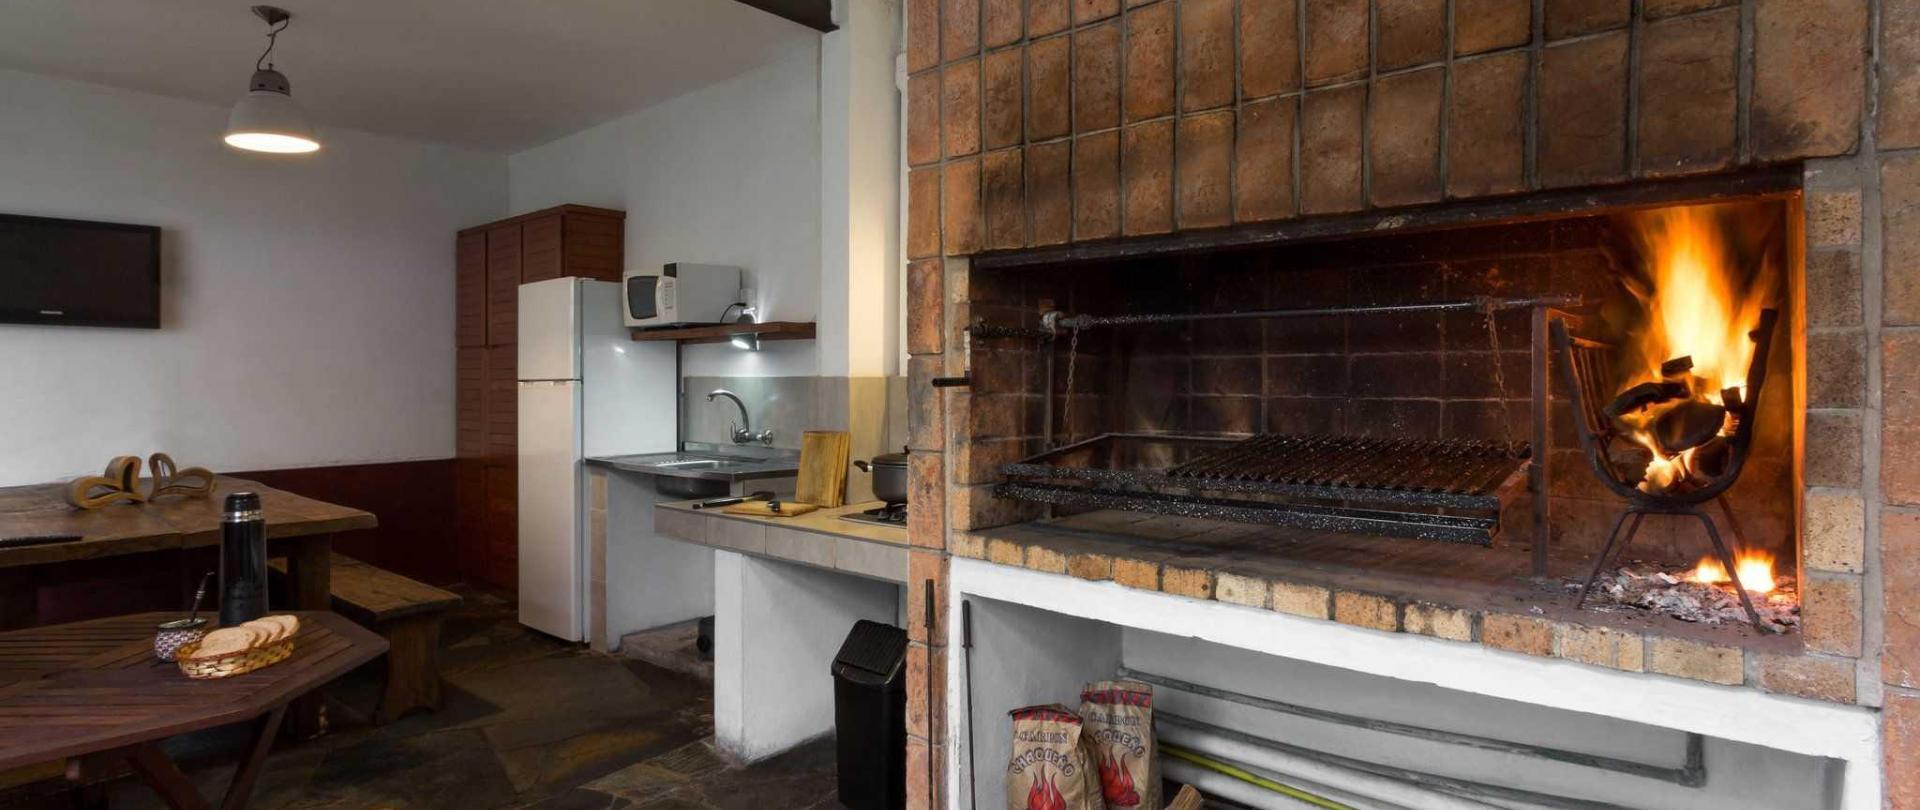 hostel-del-r-o-05-fefo-bouvier-1.jpg